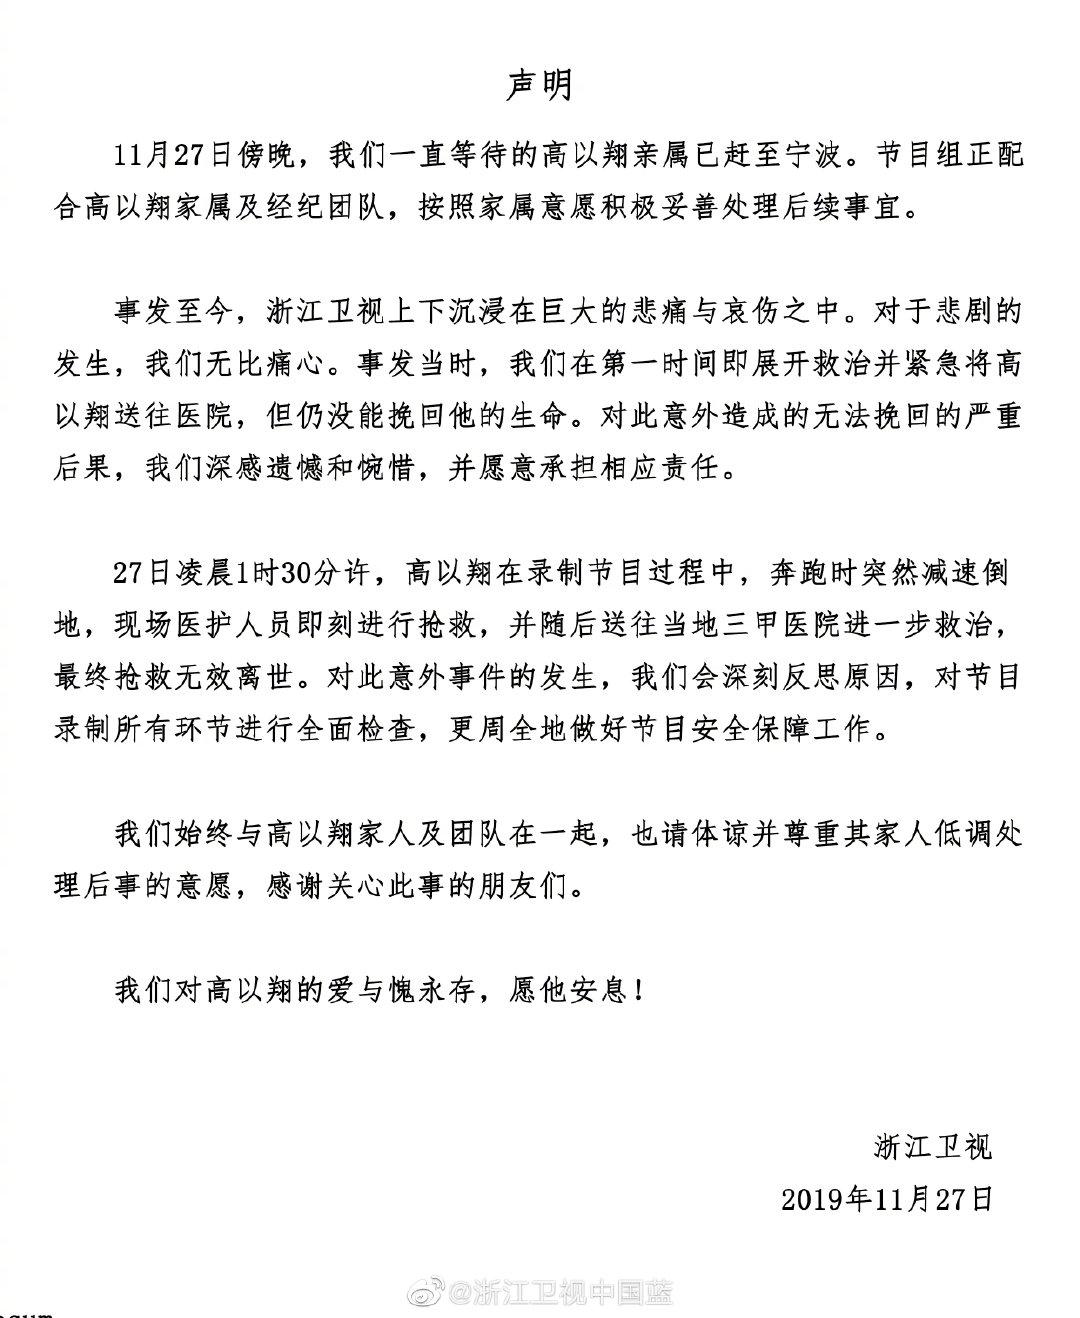 浙江卫视就高以翔去世发表声明:将对节目录制所有环节进行检查 愿承担相应责任